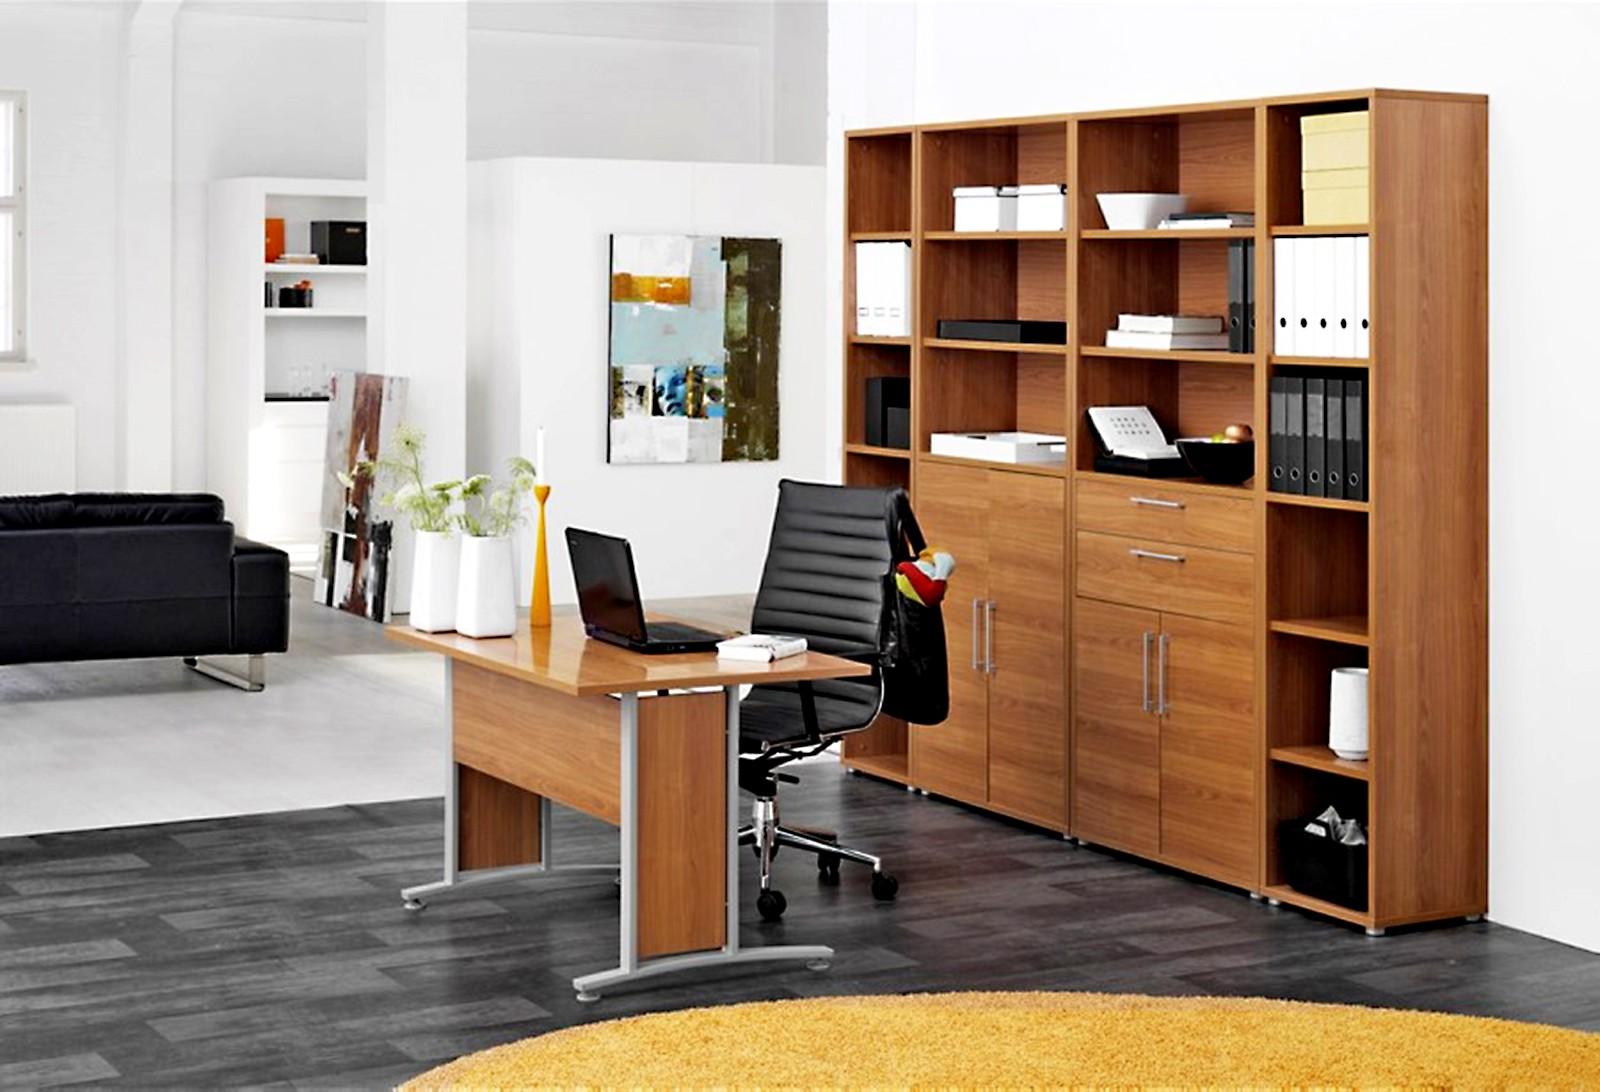 ... Tvilum Linea Prima cm. 150x80x2.5h ciliegio - arredo casa ufficio